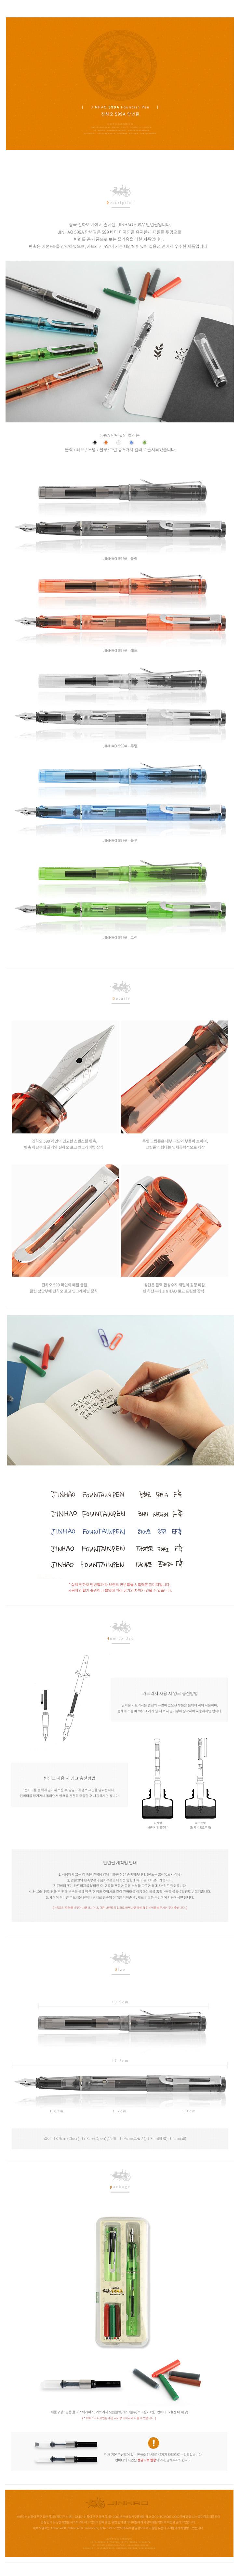 진하오 599A 투명 만년필 (5가지 컬러) - Bestpen1, 6,300원, 만년필/캘리그라피, 기타 고급만년필